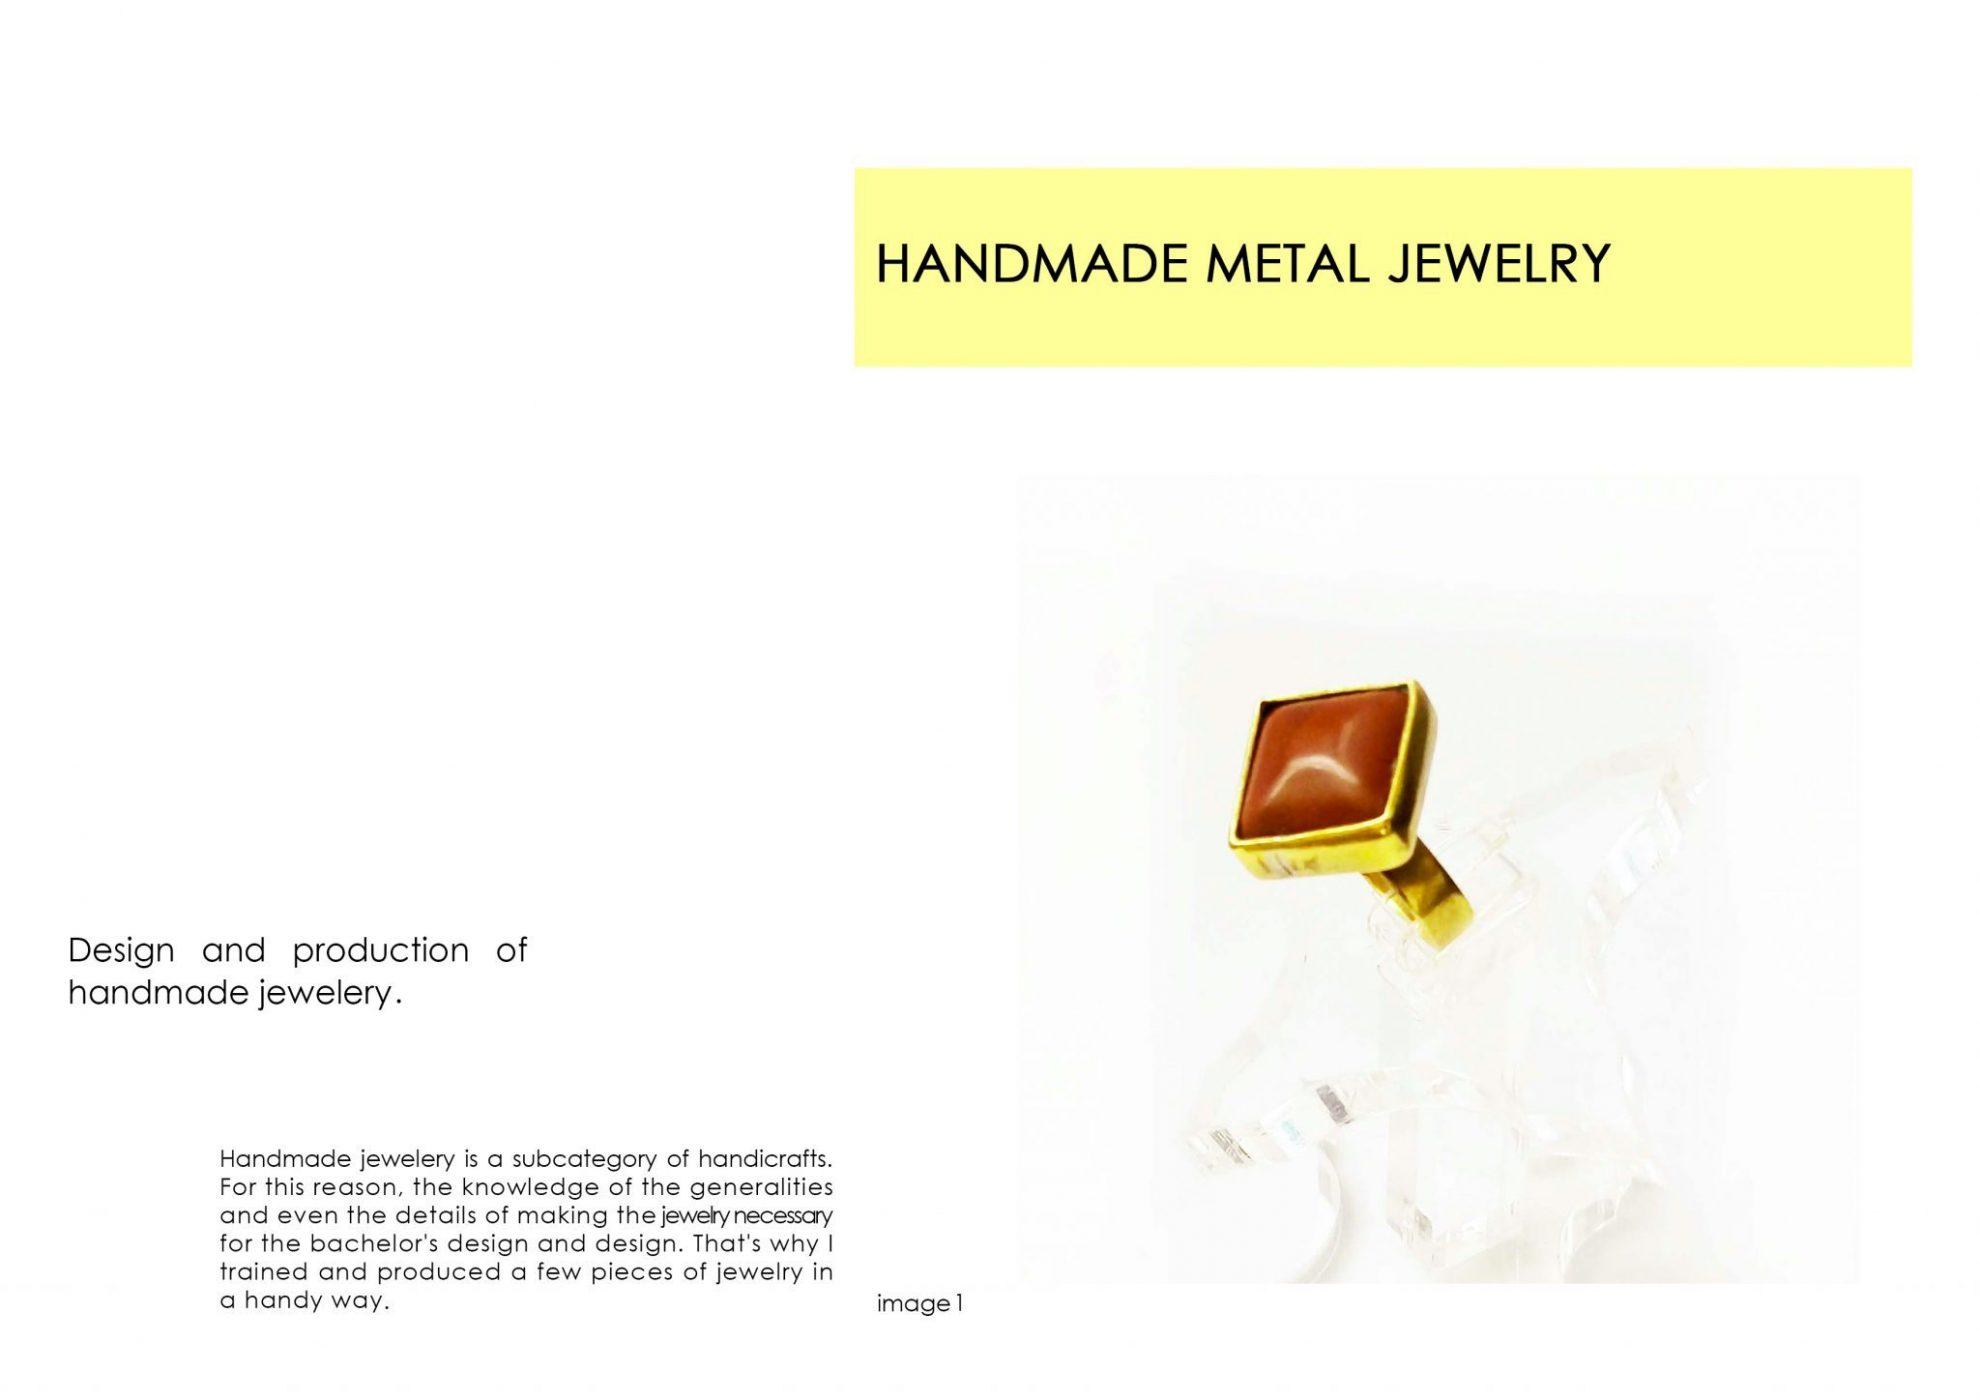 طراحی طلا و جواهر با رایانه,طراحی طلا با کامپیوتر,طراحی طلا و جواهر